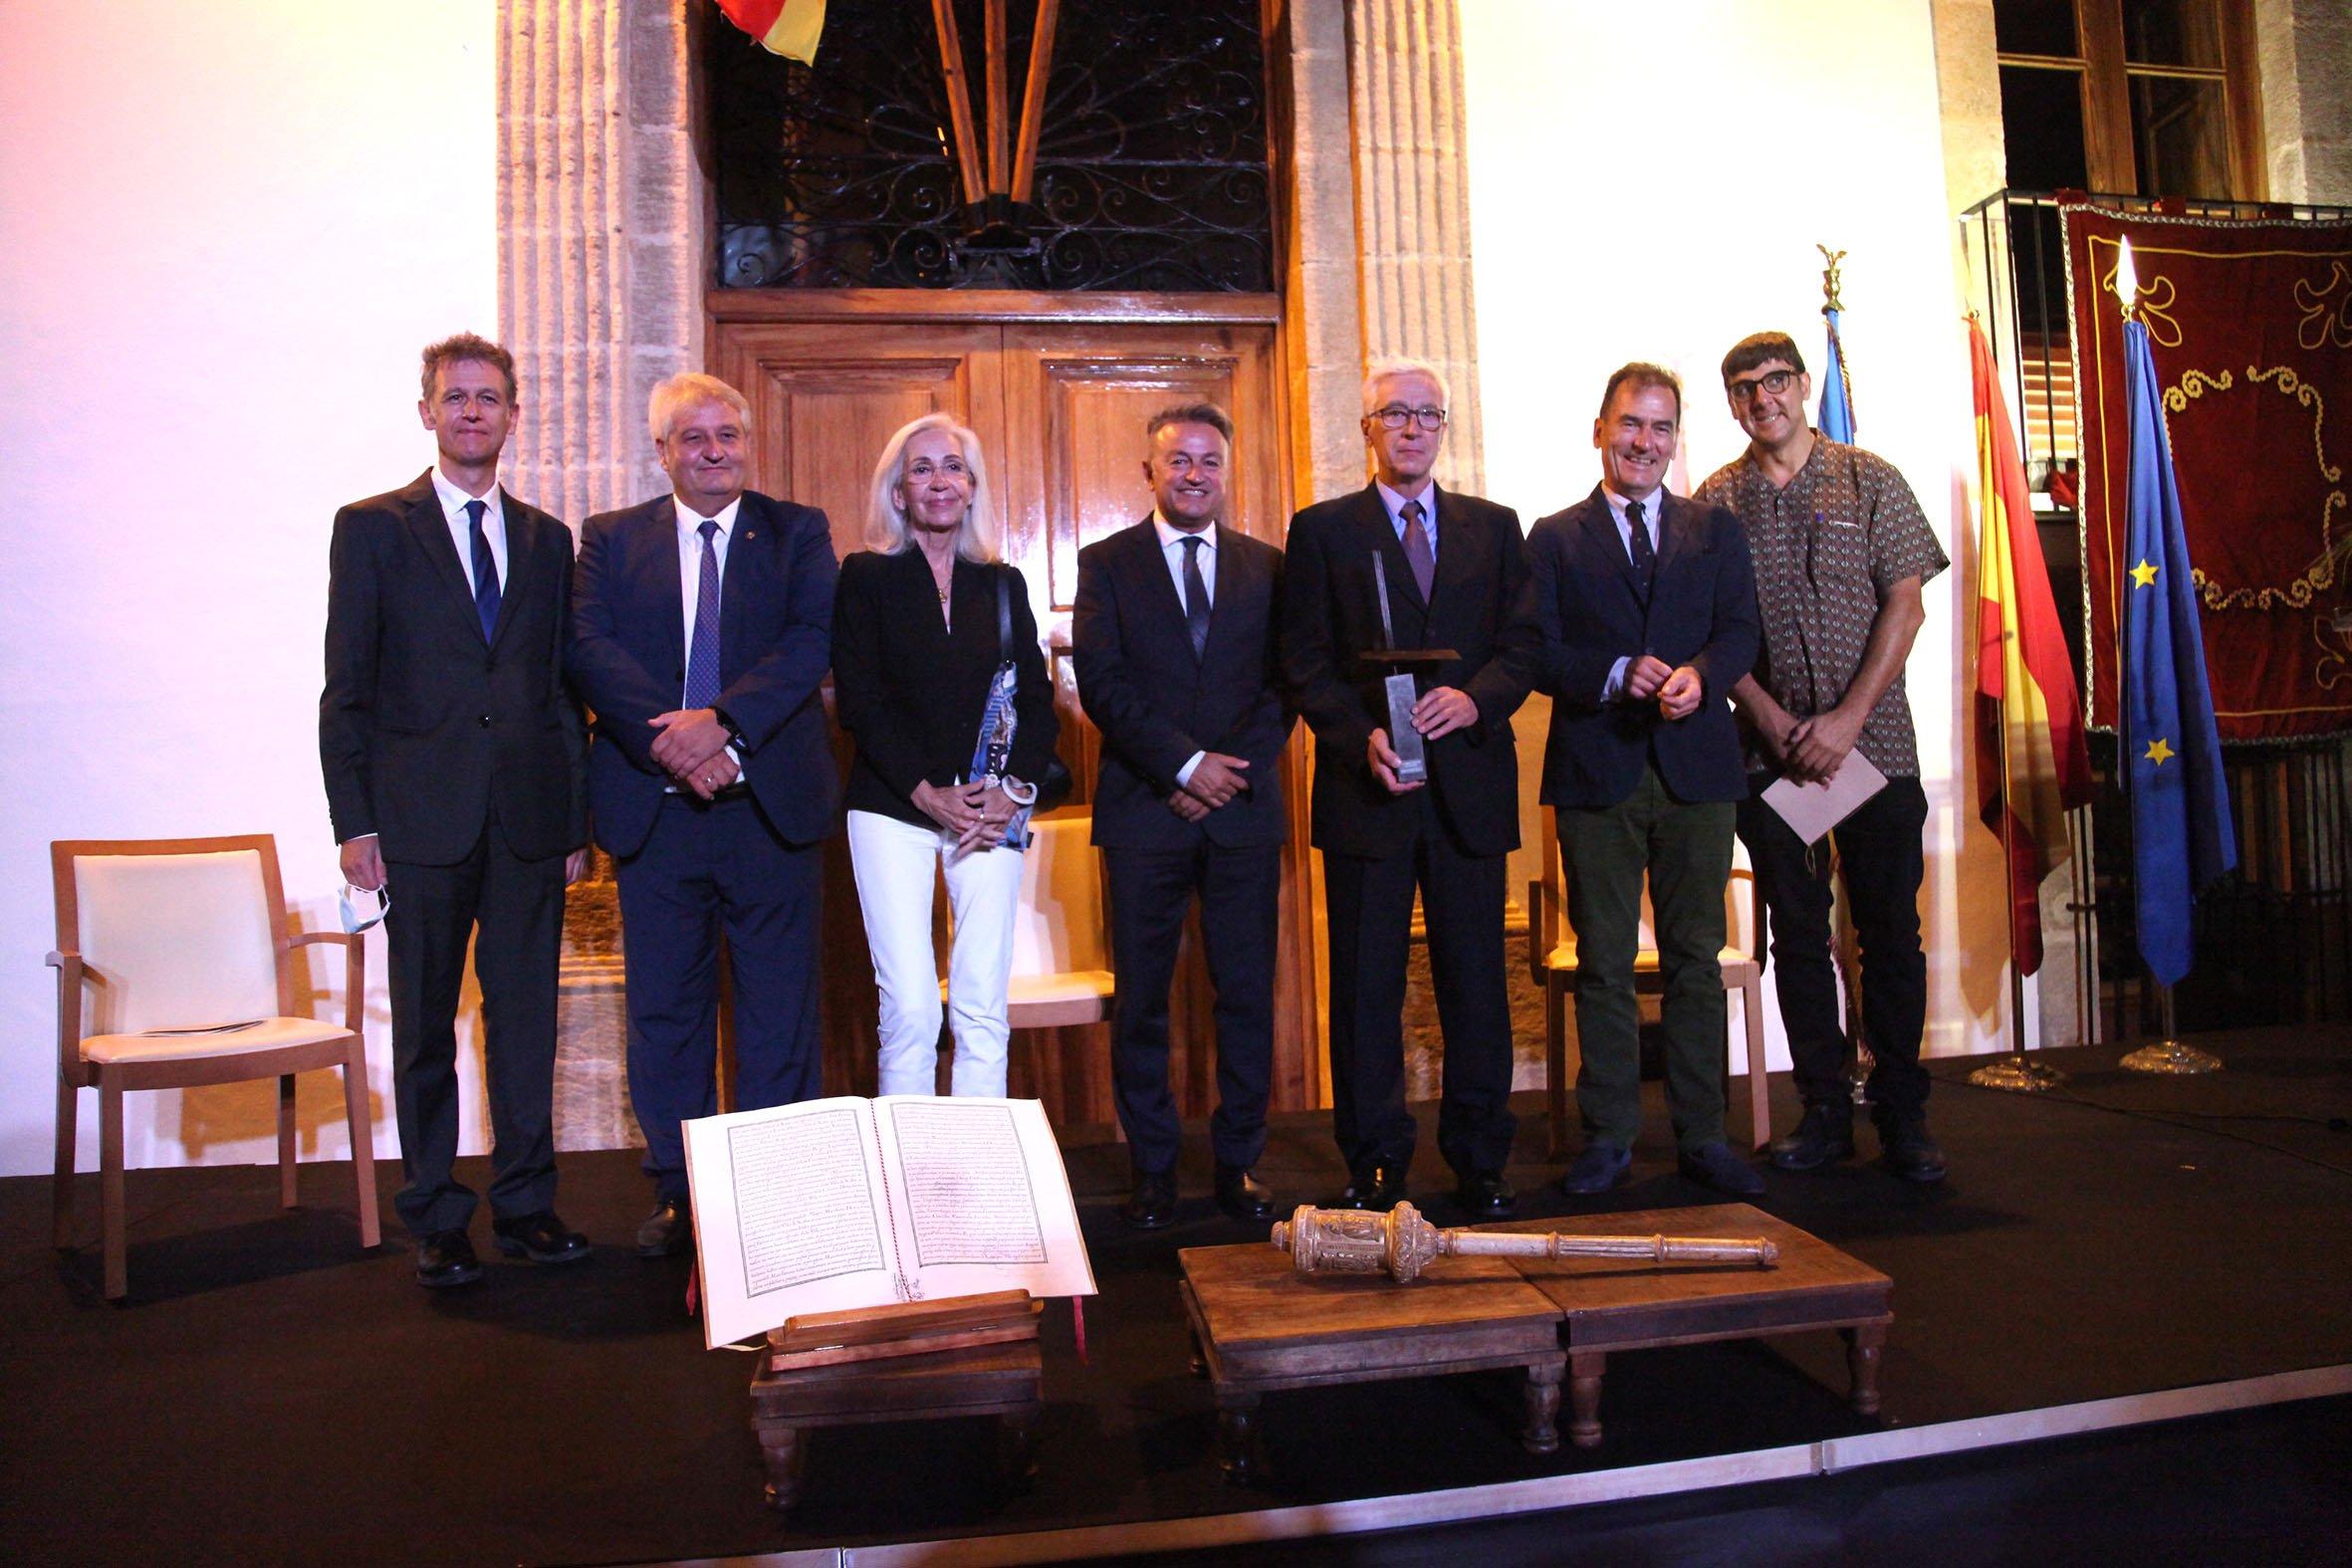 Acto institucional 9 d'octubre-Premi Vila de Xàbia a Fundación Museo Sorolla (48)